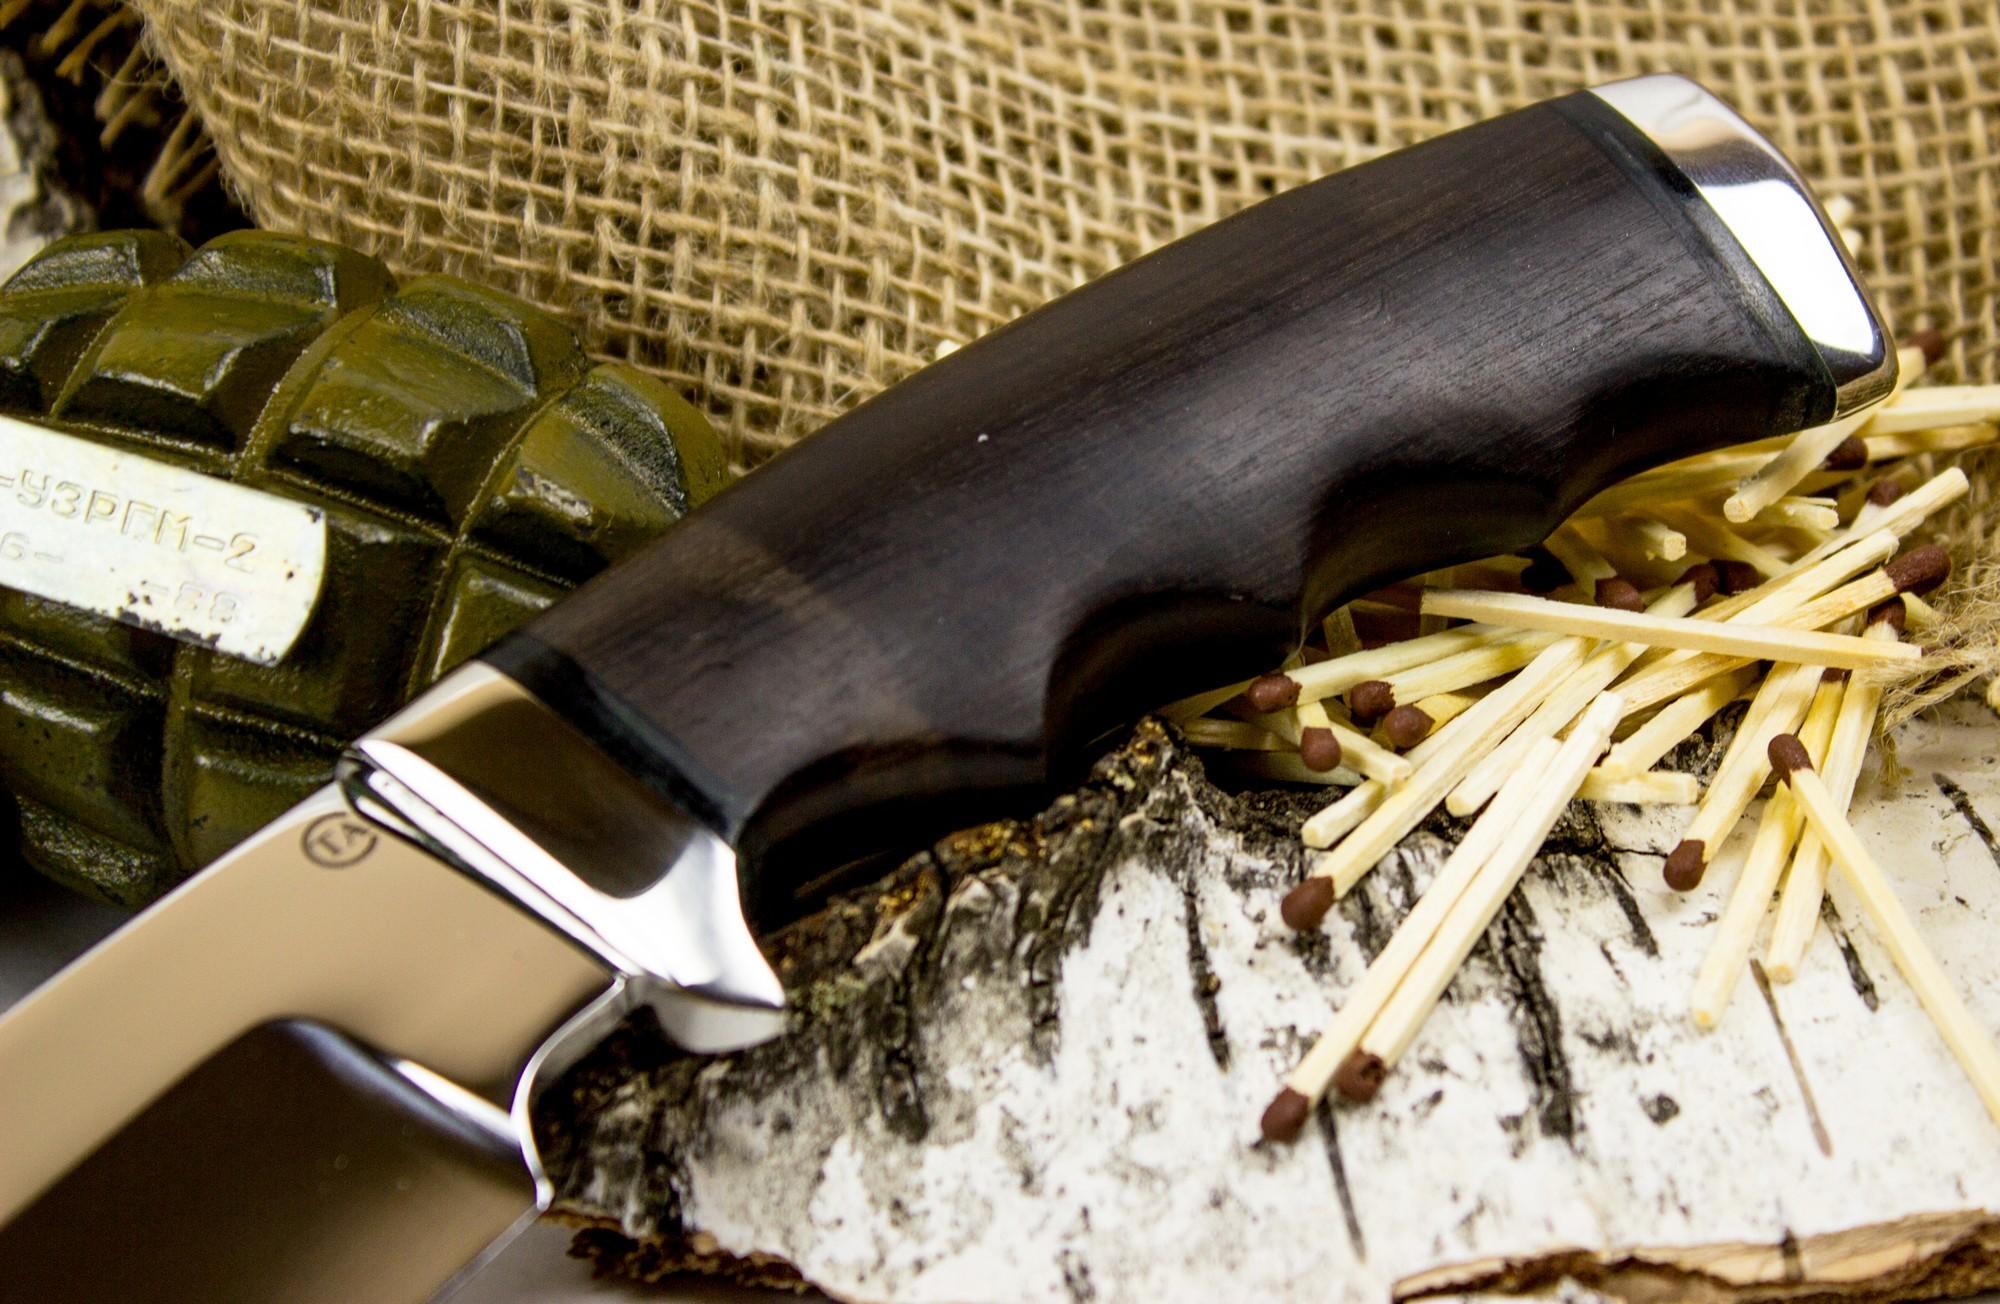 Фото 8 - Нож Барсук-1, сталь 95х18 от Титов и Солдатова